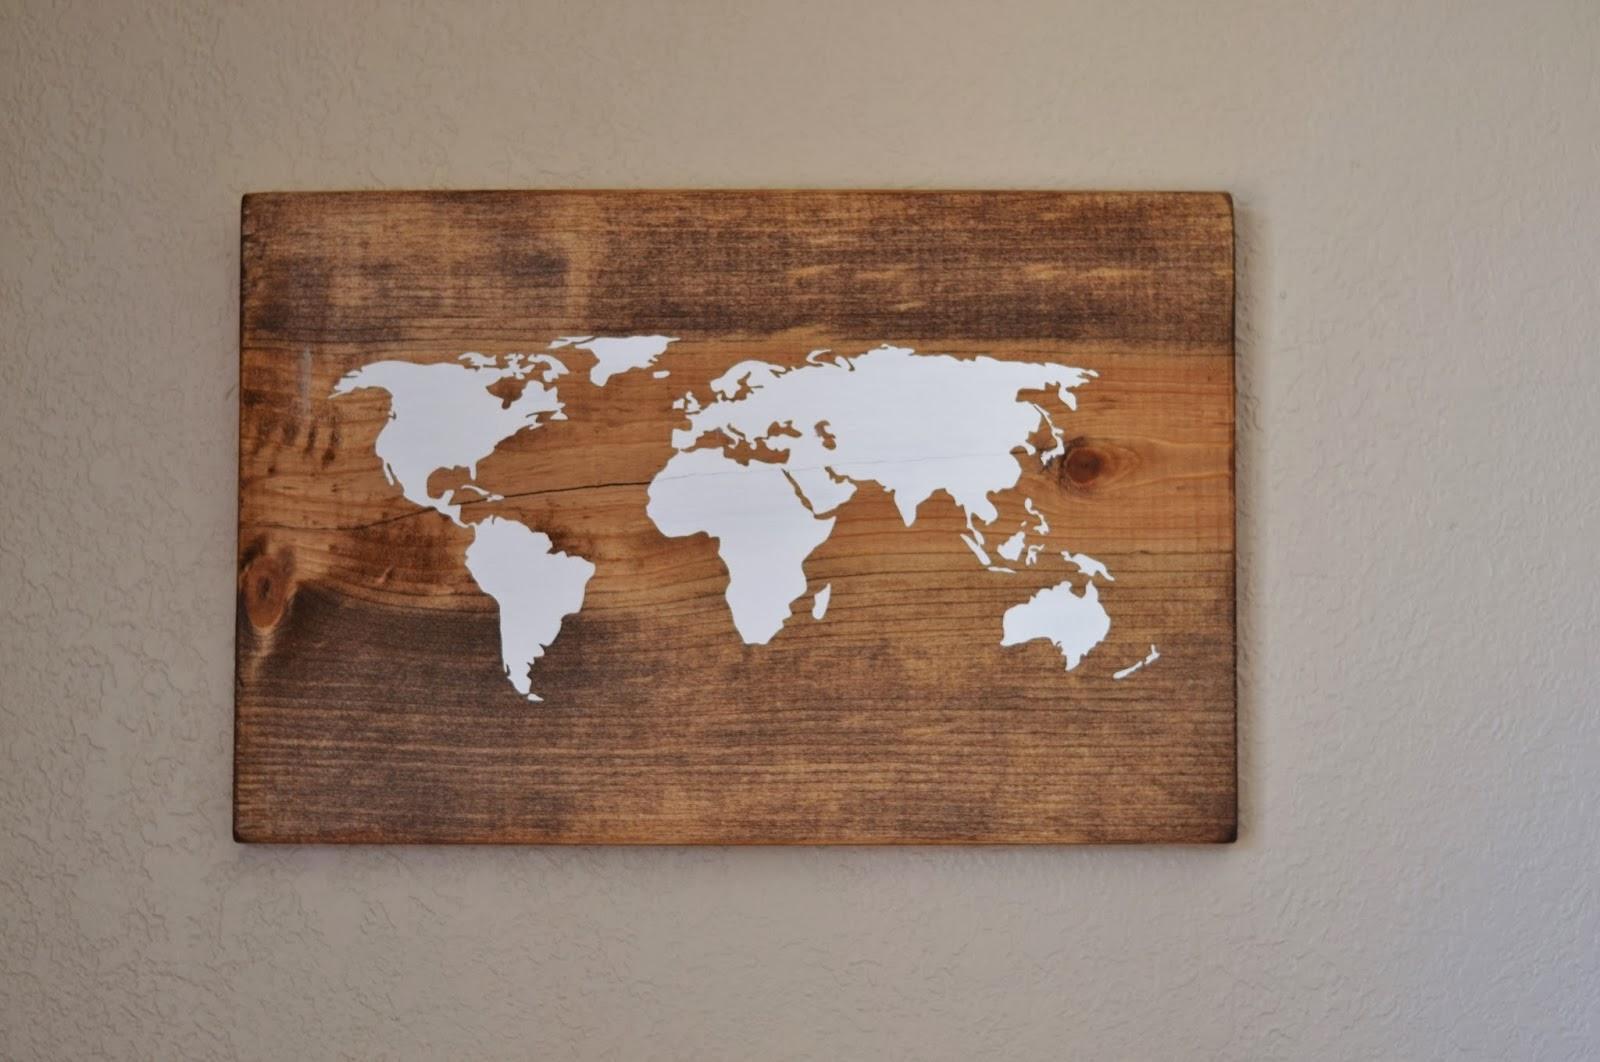 Рамка для карты мира своими руками 96